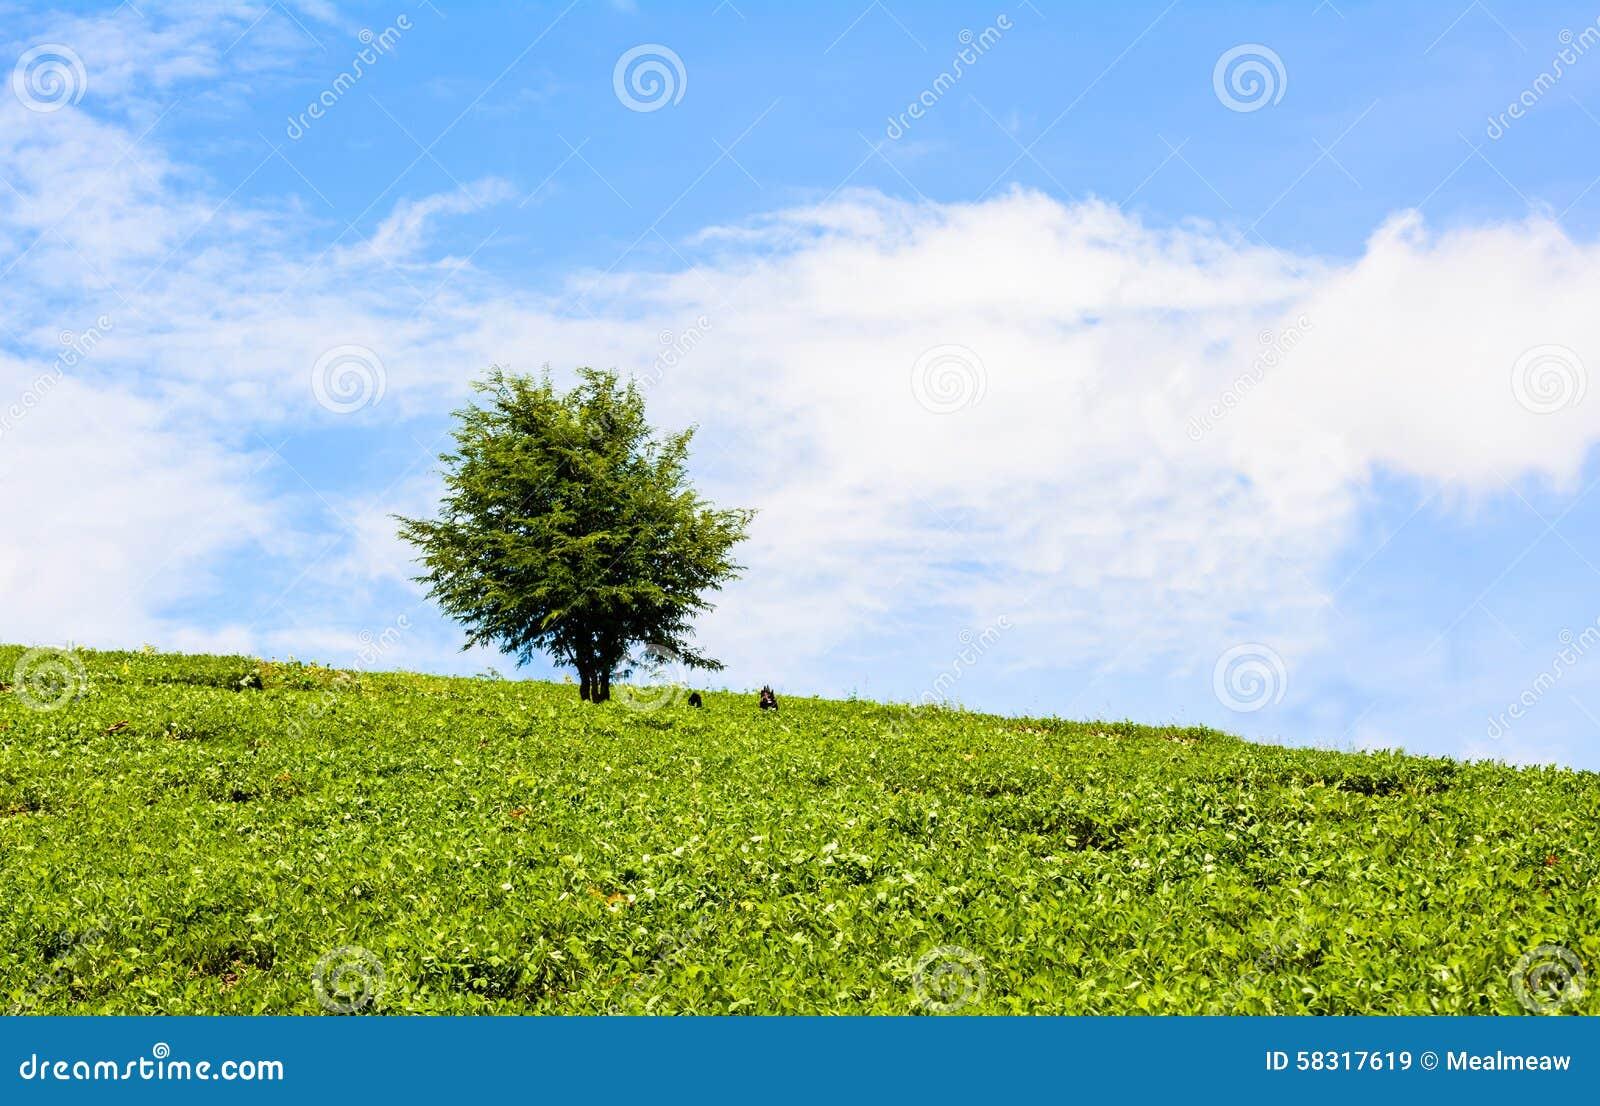 Campo de la hierba verde y de los árboles en el cielo azul